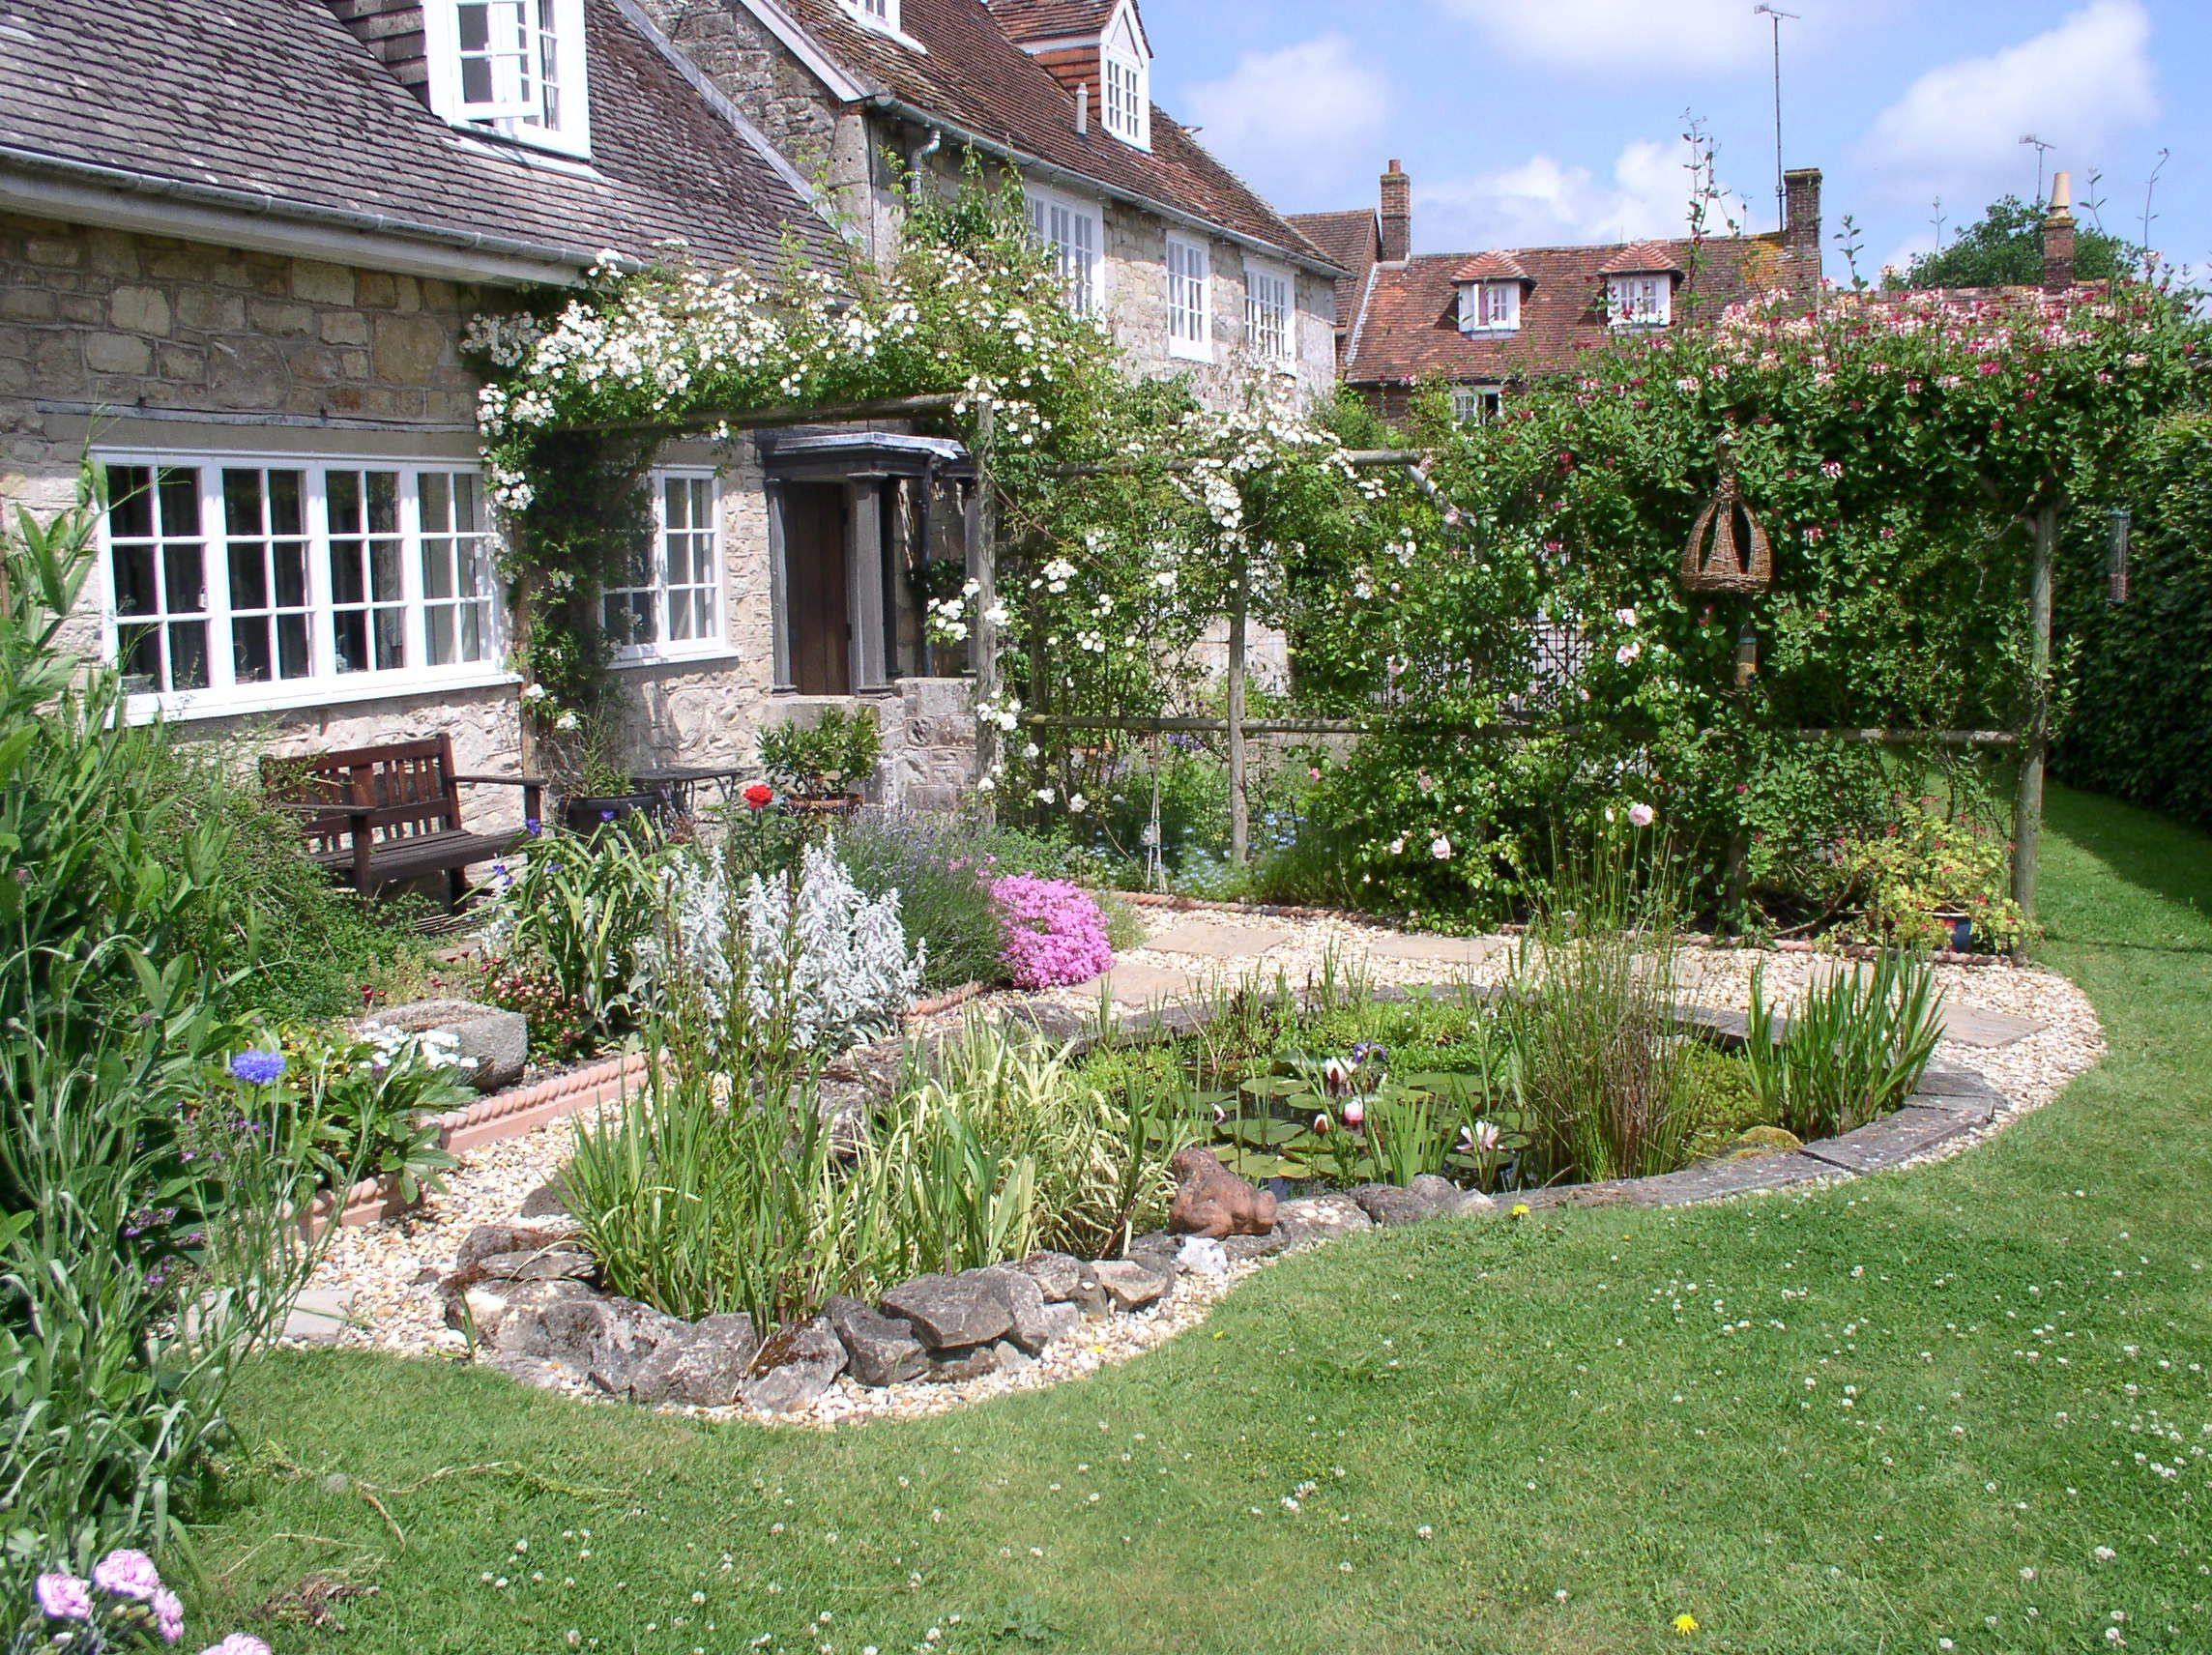 Small Wildlife Garden Garden Designed Primarily To Attract